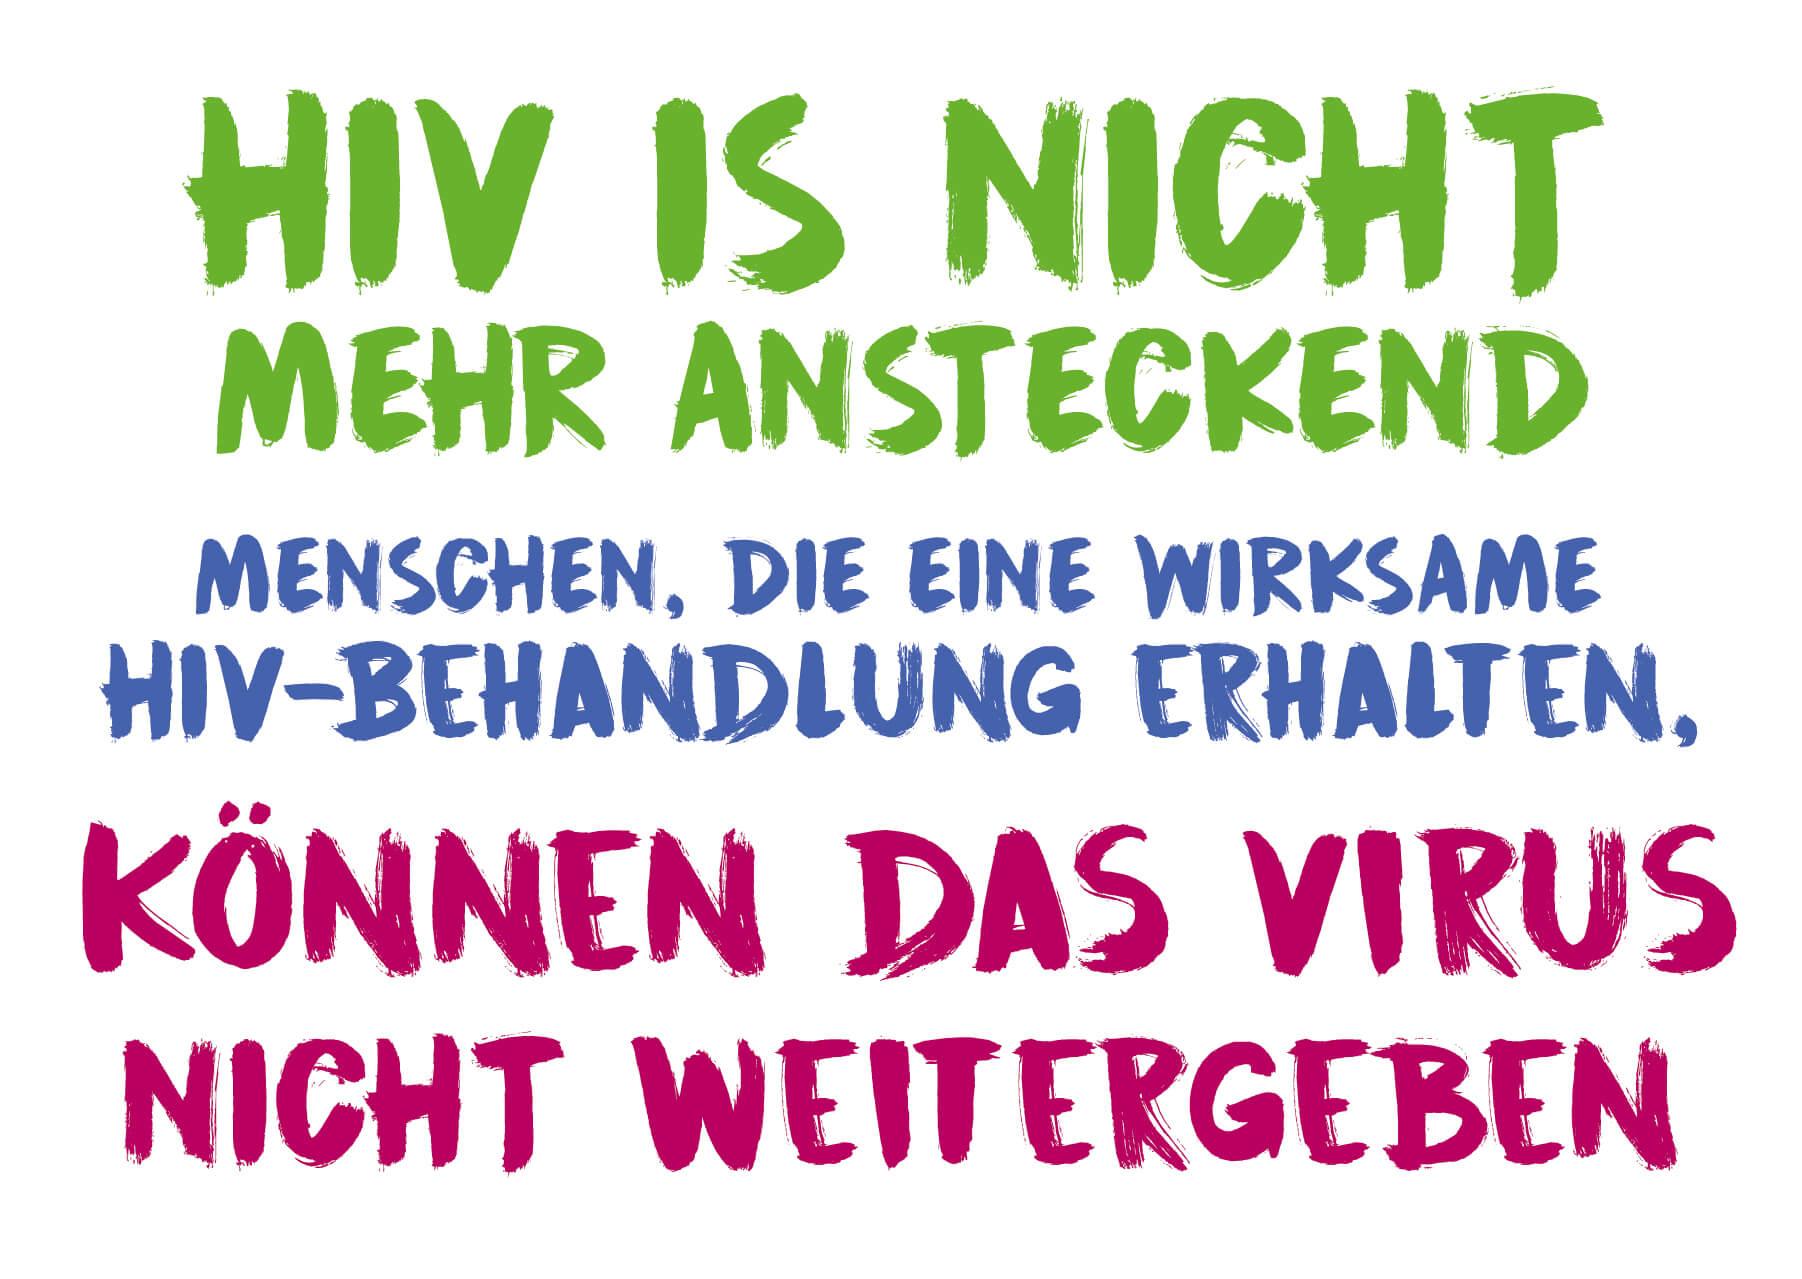 HIV is nicht mehr ansteckend. Menschen, die eine wirksame HIV-Behandlung erhalten. Können das virus nicht weitergeben